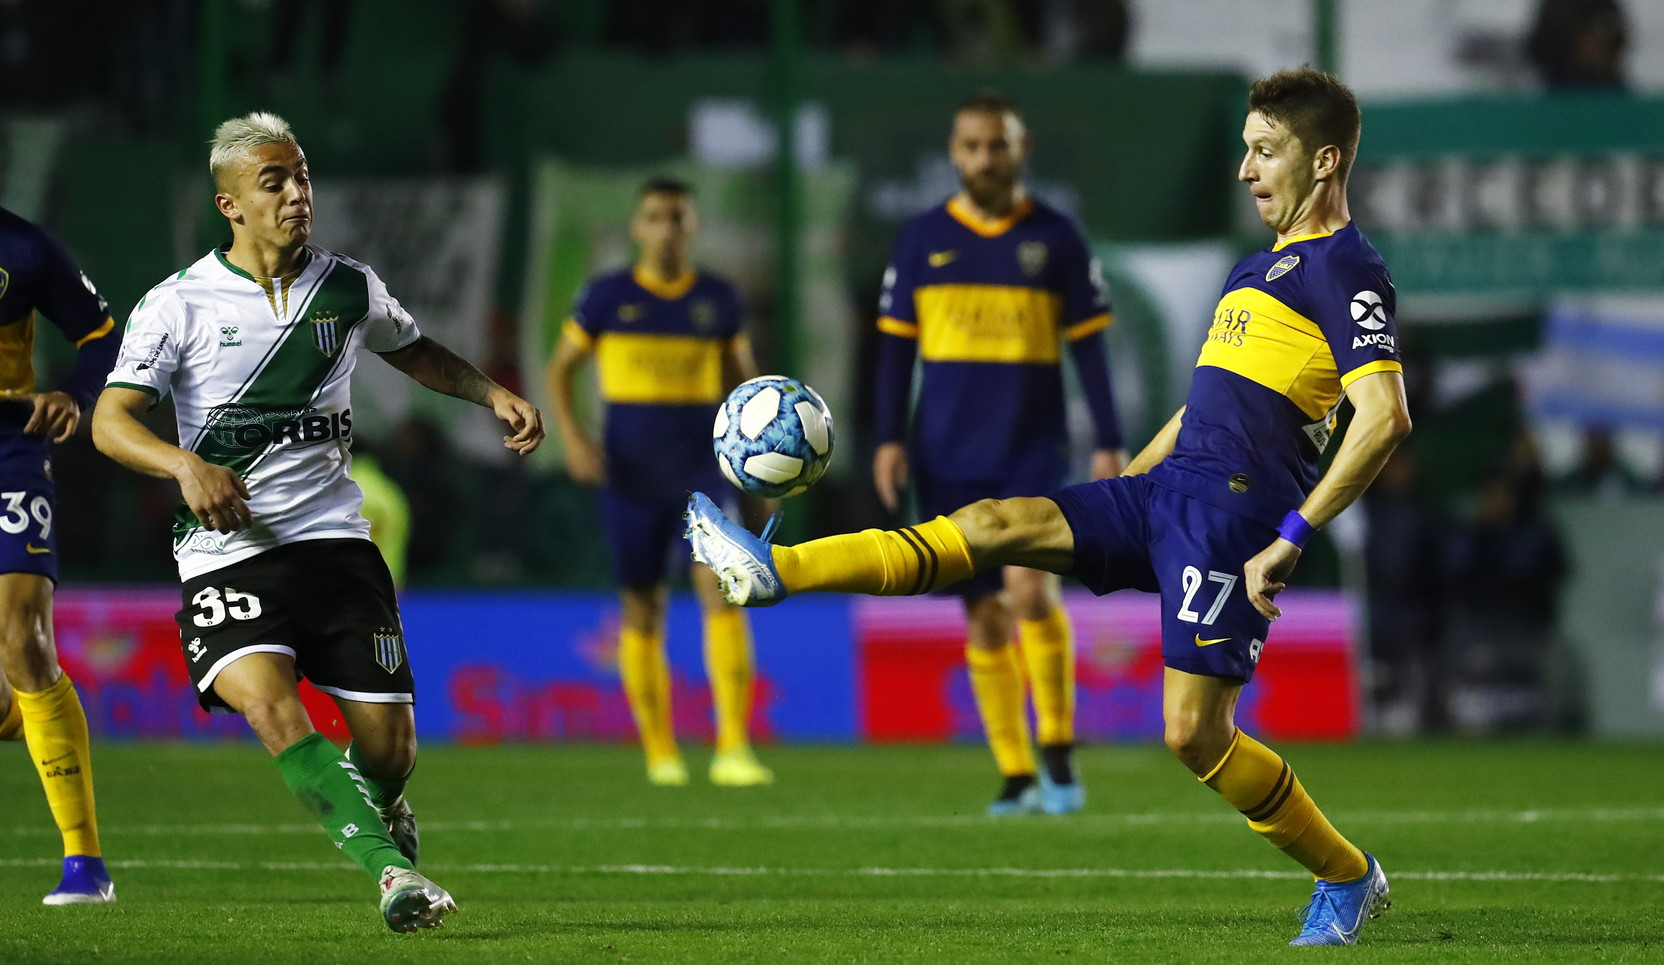 Agustin URZI (Banfield, 4 maggio): gioca nella stessa squadra che ha rivelato tanti anni fa Javier Zanetti, ha passaporto italiano e fa l'attaccante esterno, destro o sinistro.